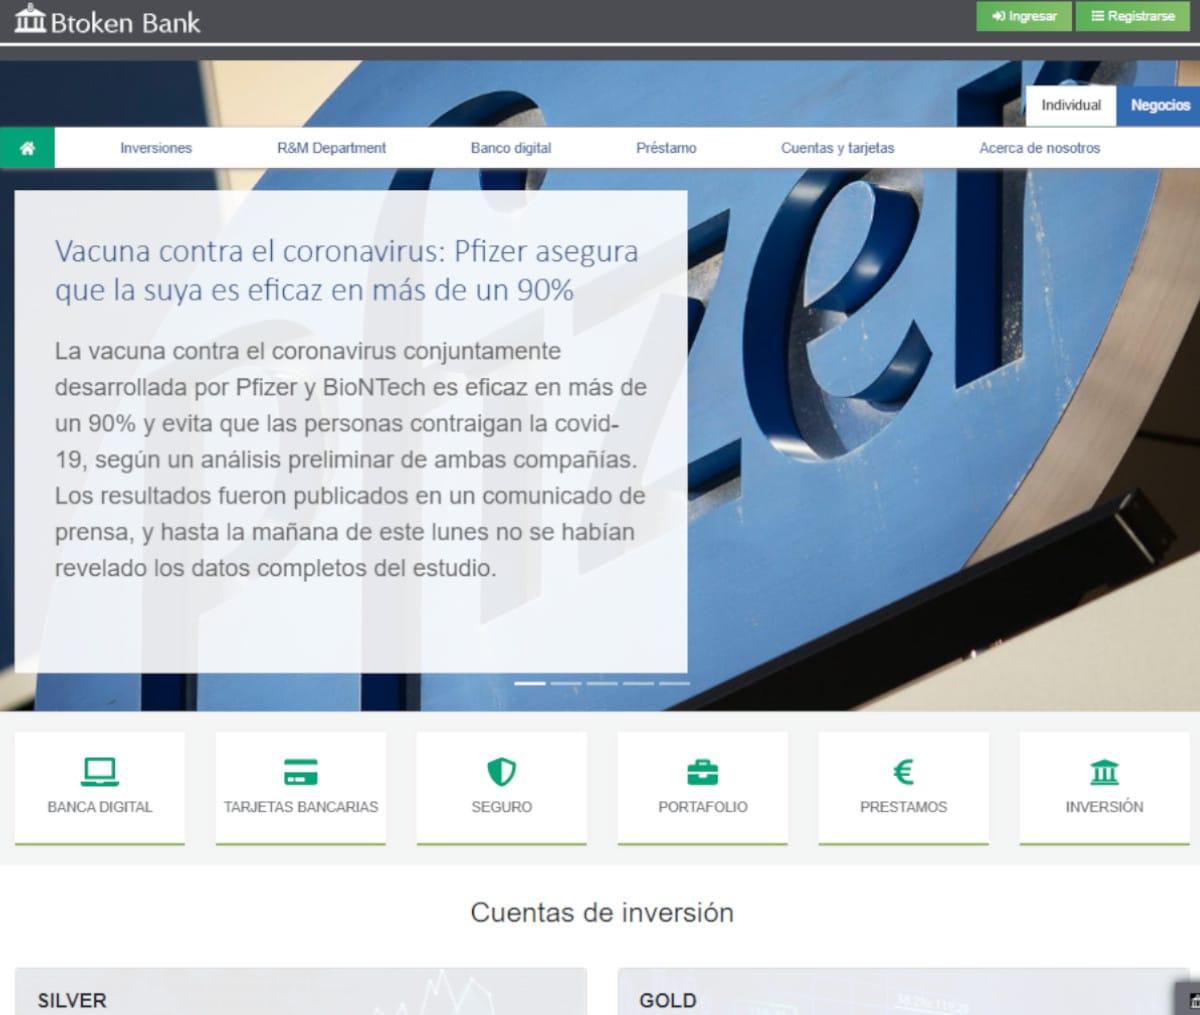 Página web de Btoken Bank